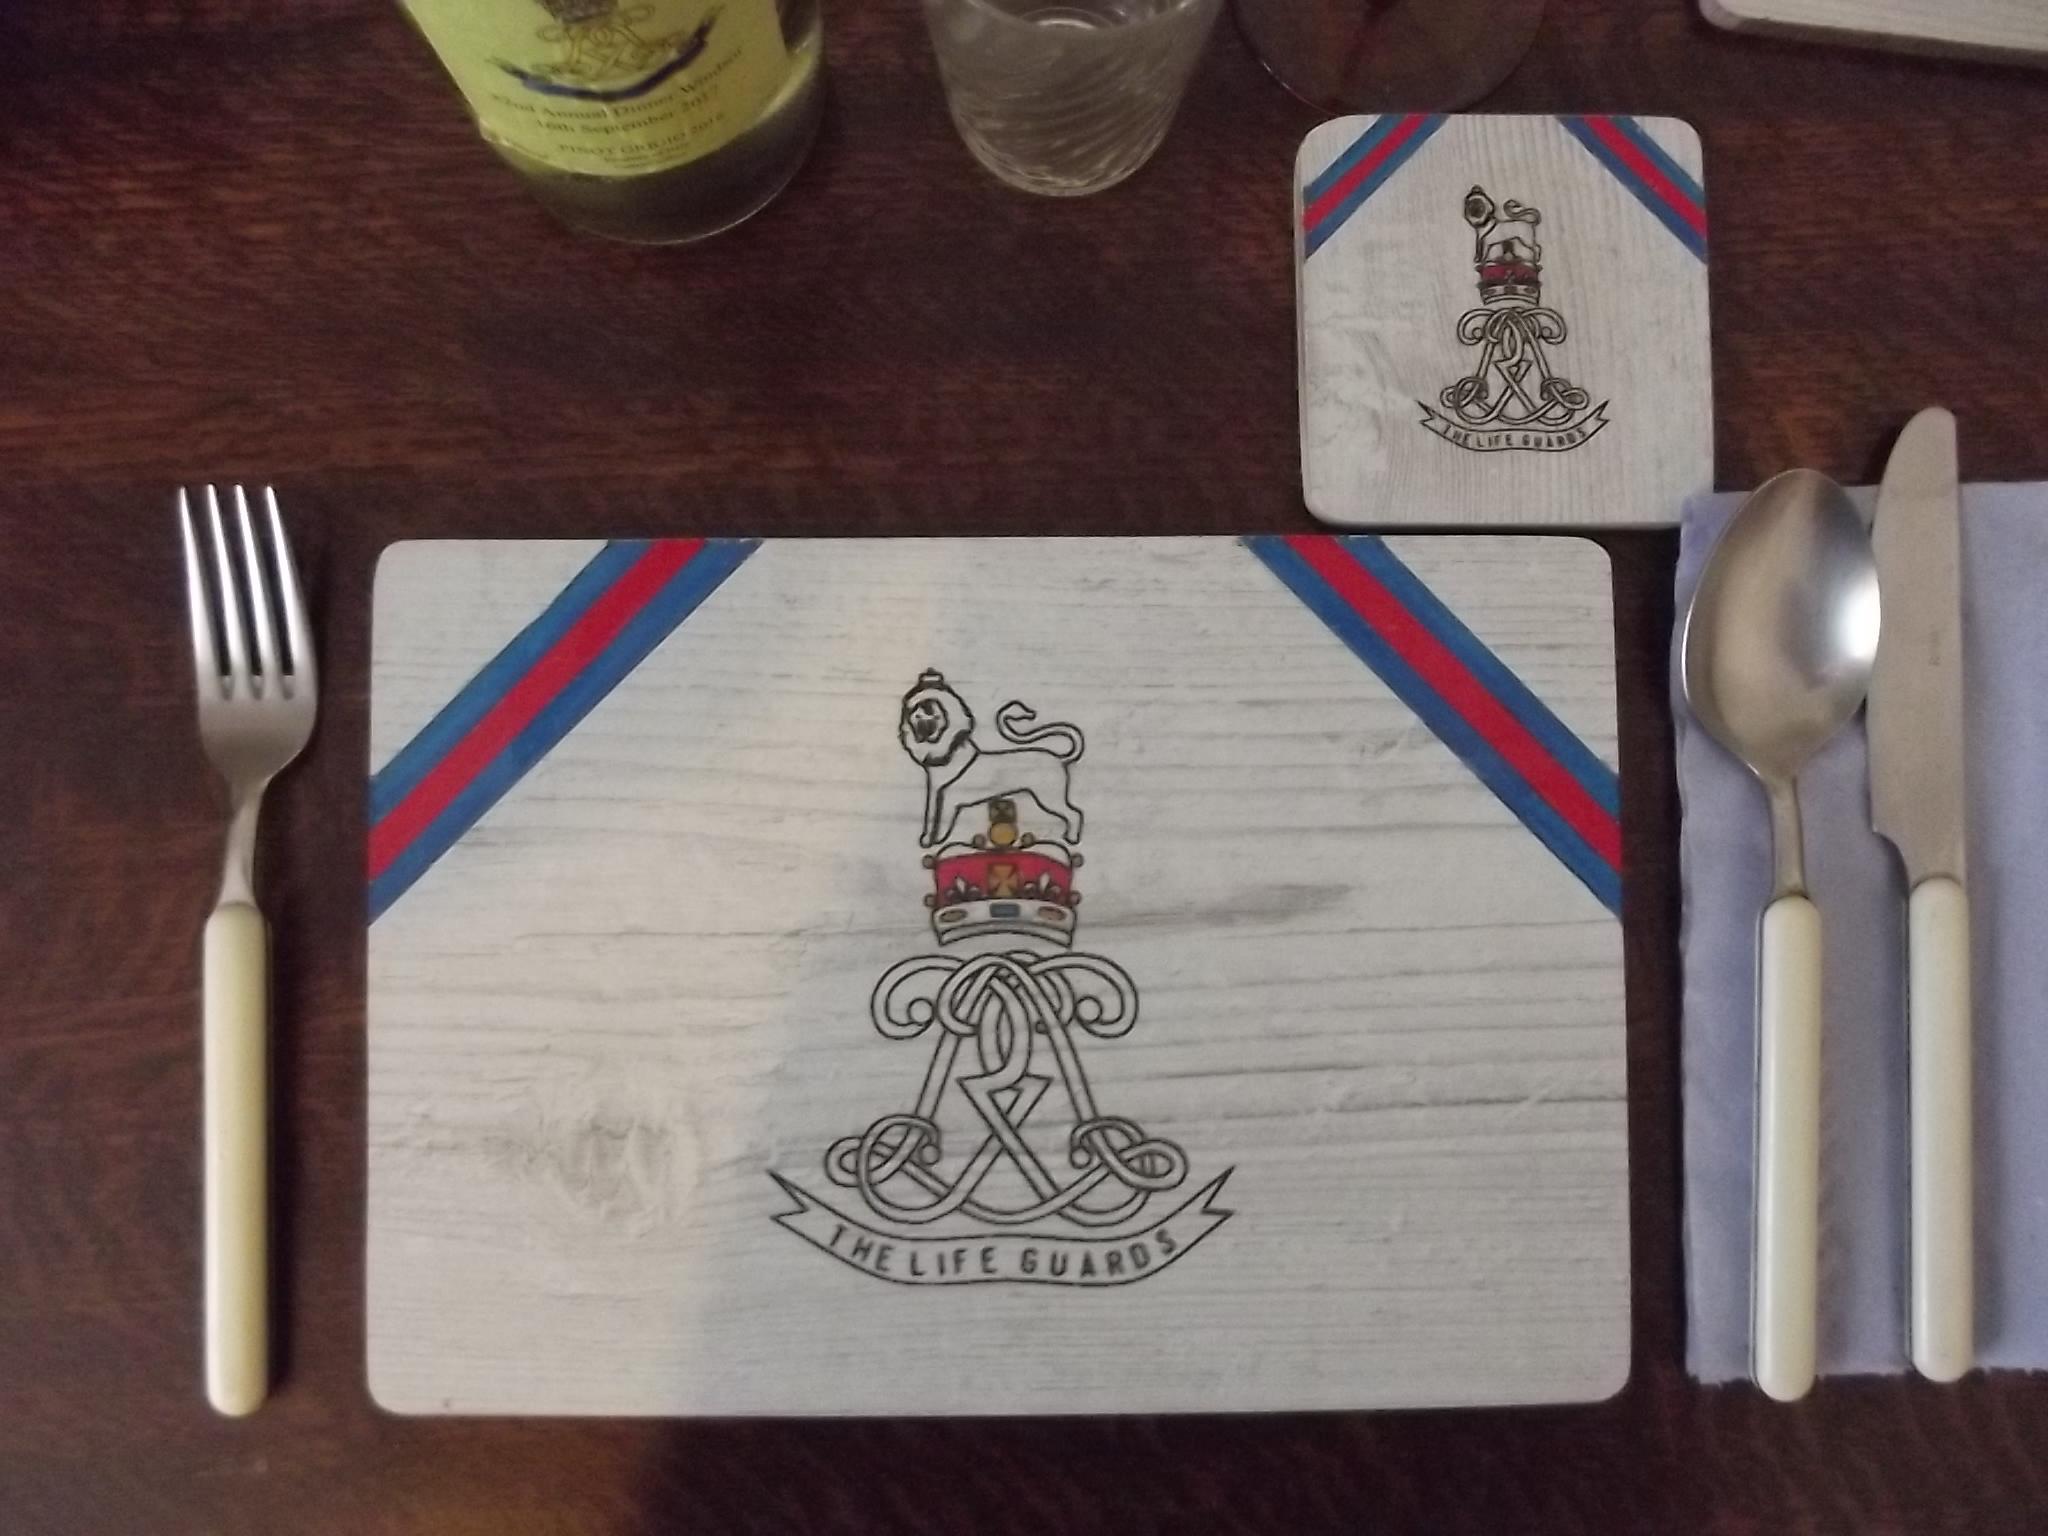 0_1549644502510_LG dinner set.JPG